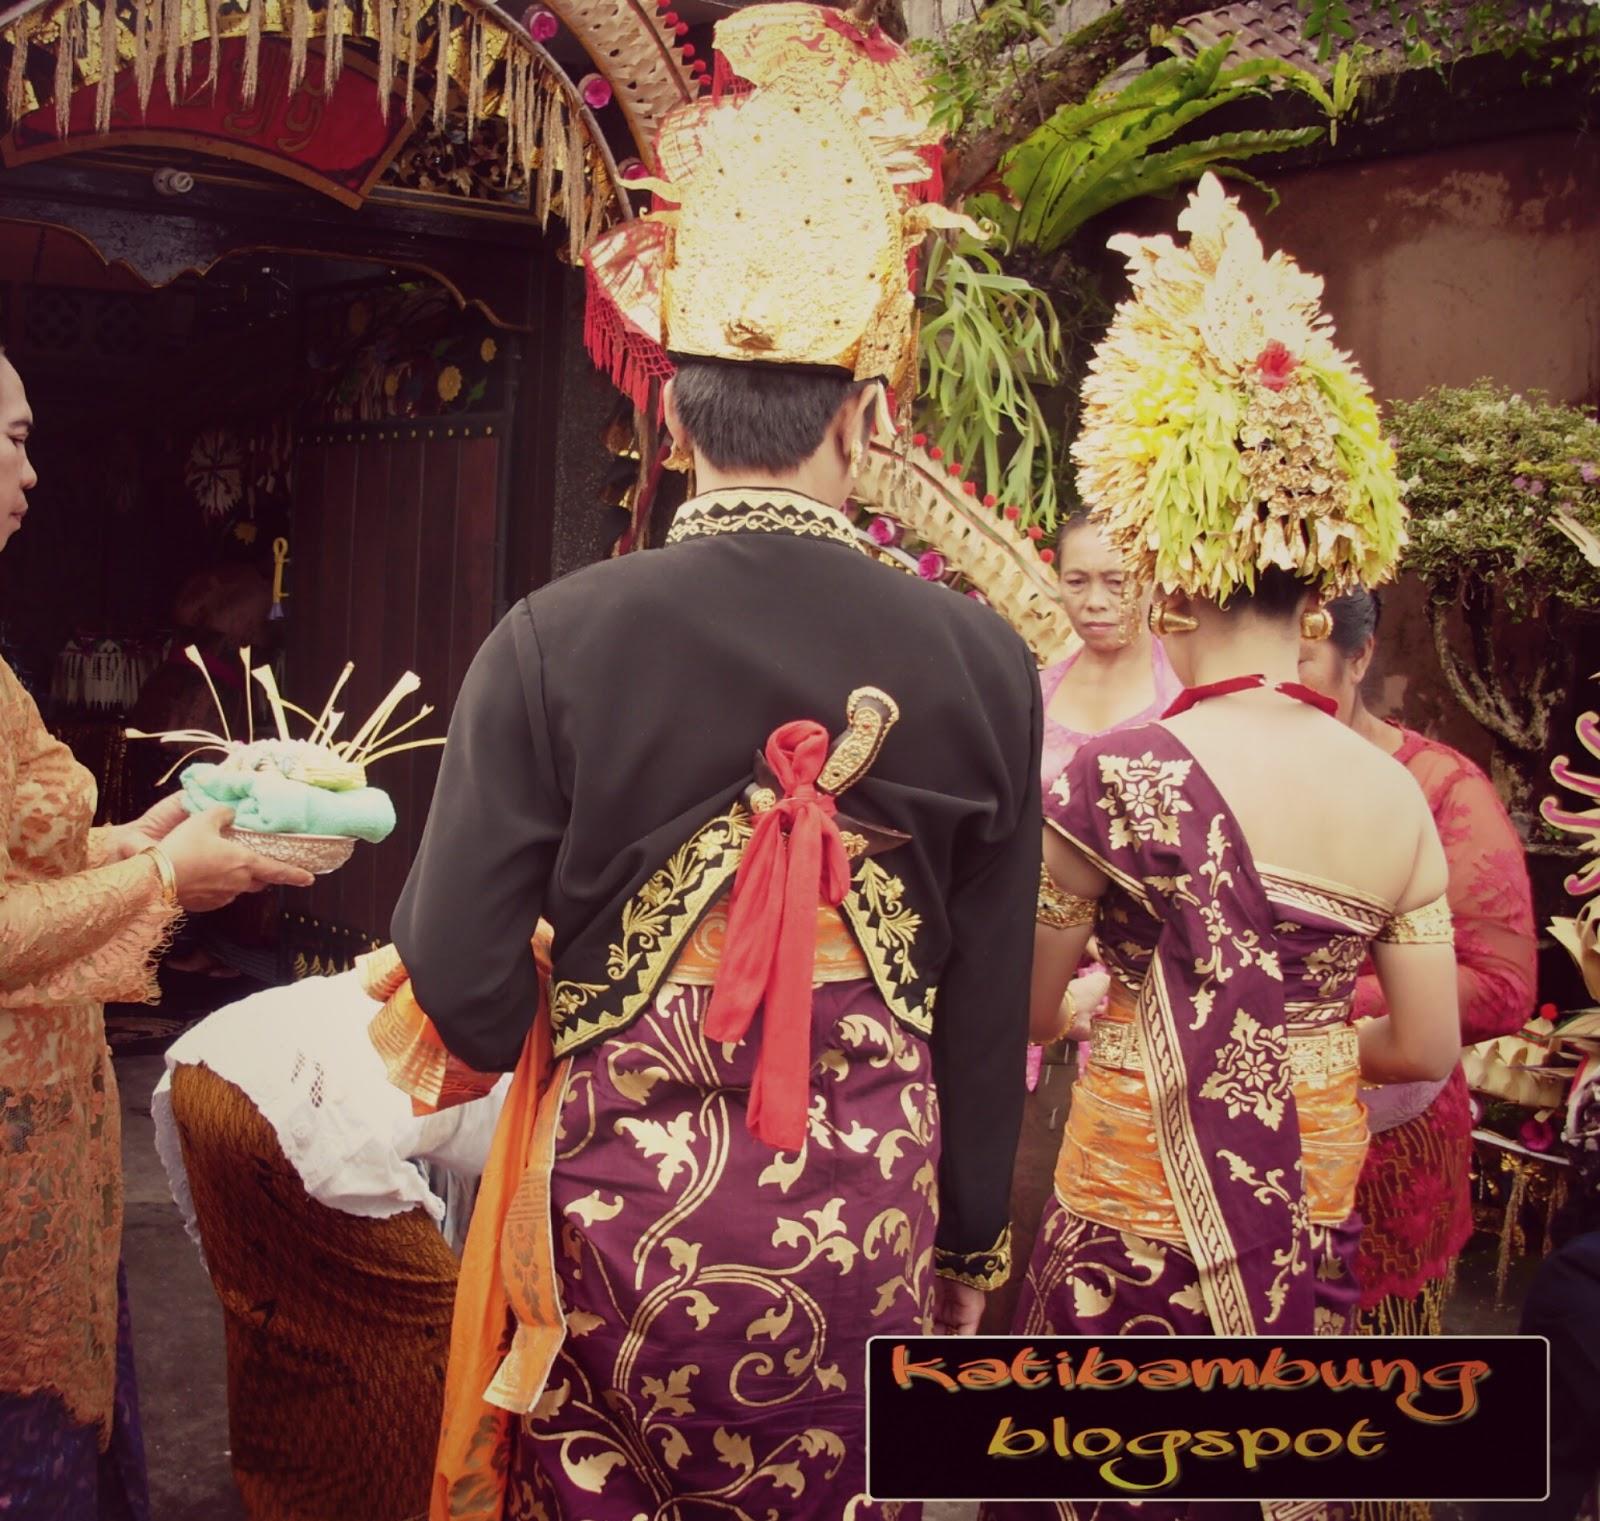 Benarkah Upacara Pernikahan Masyarakat Hindu Di Bali Mahal Kekeliruan Yang Mulai Mendarah Daging Katibambungblog - Perkawinan Hindu, Apa Kewajiban Suami Istri Dalam Perkawinan Hindu Tribun Bali